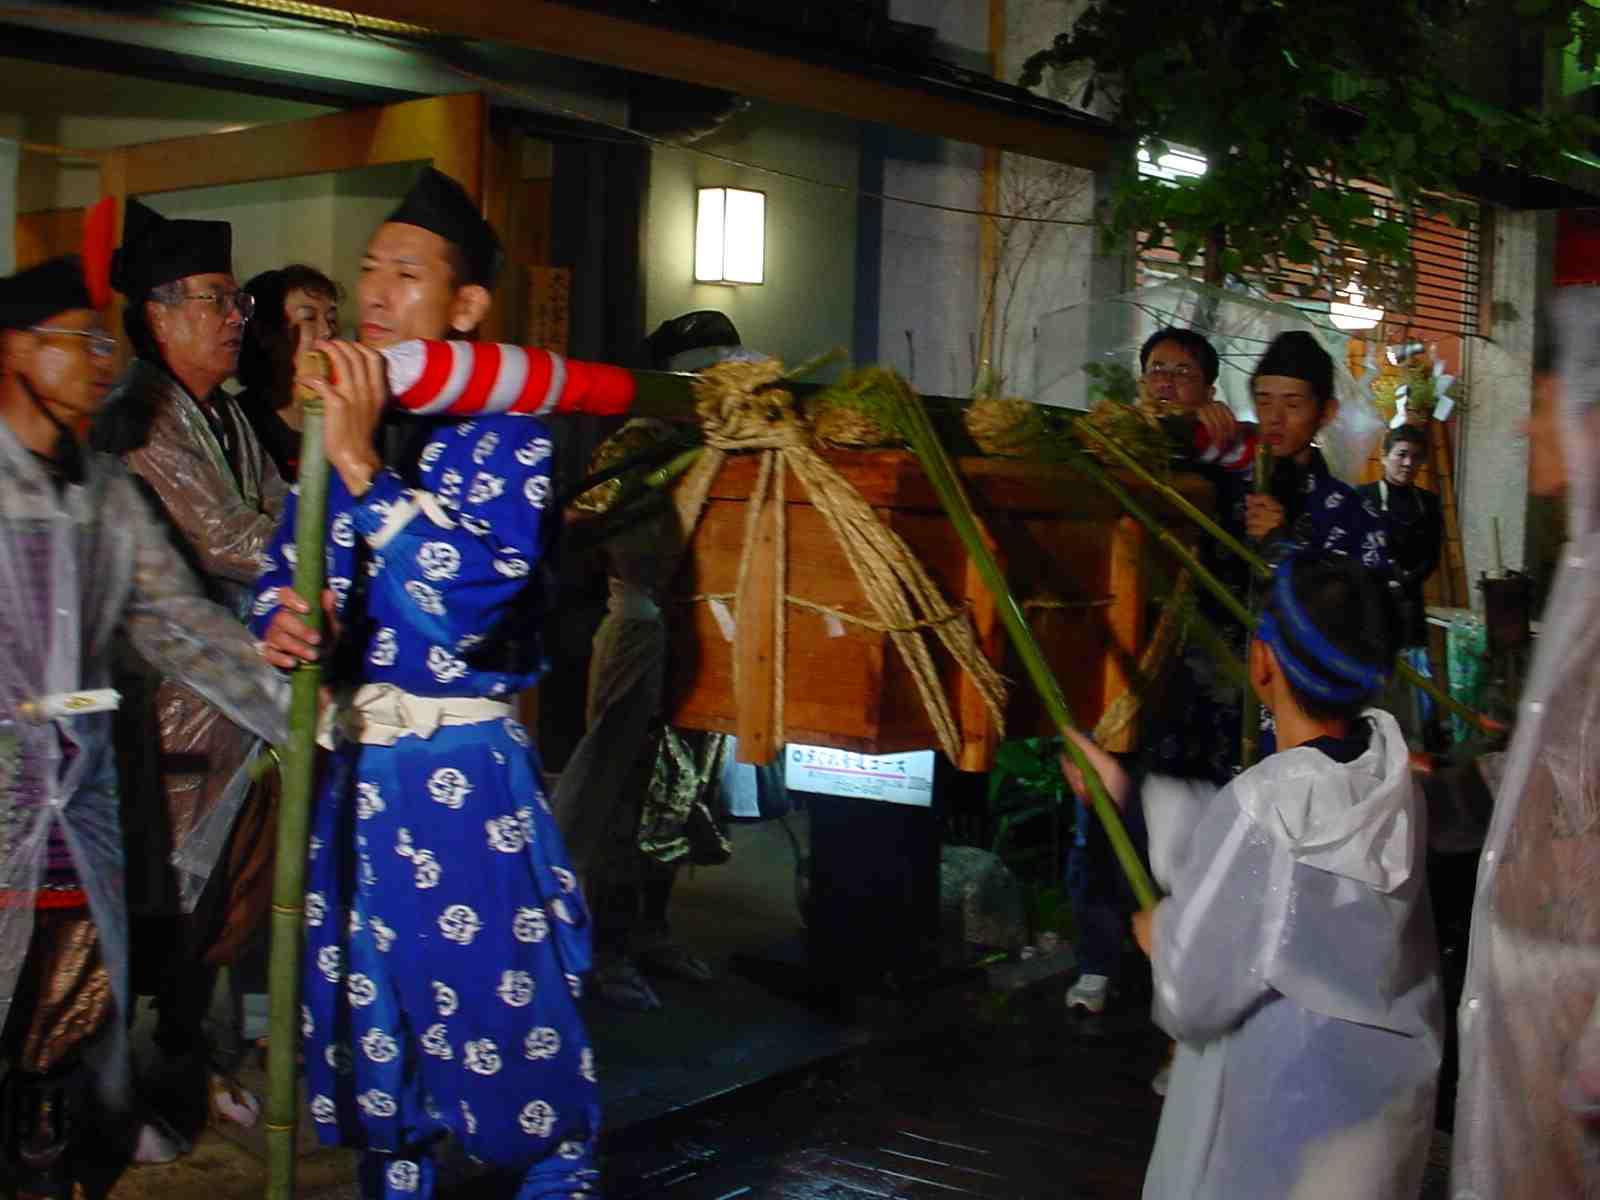 武雄の秋祭り「エイトウ」_f0040201_23592283.jpg